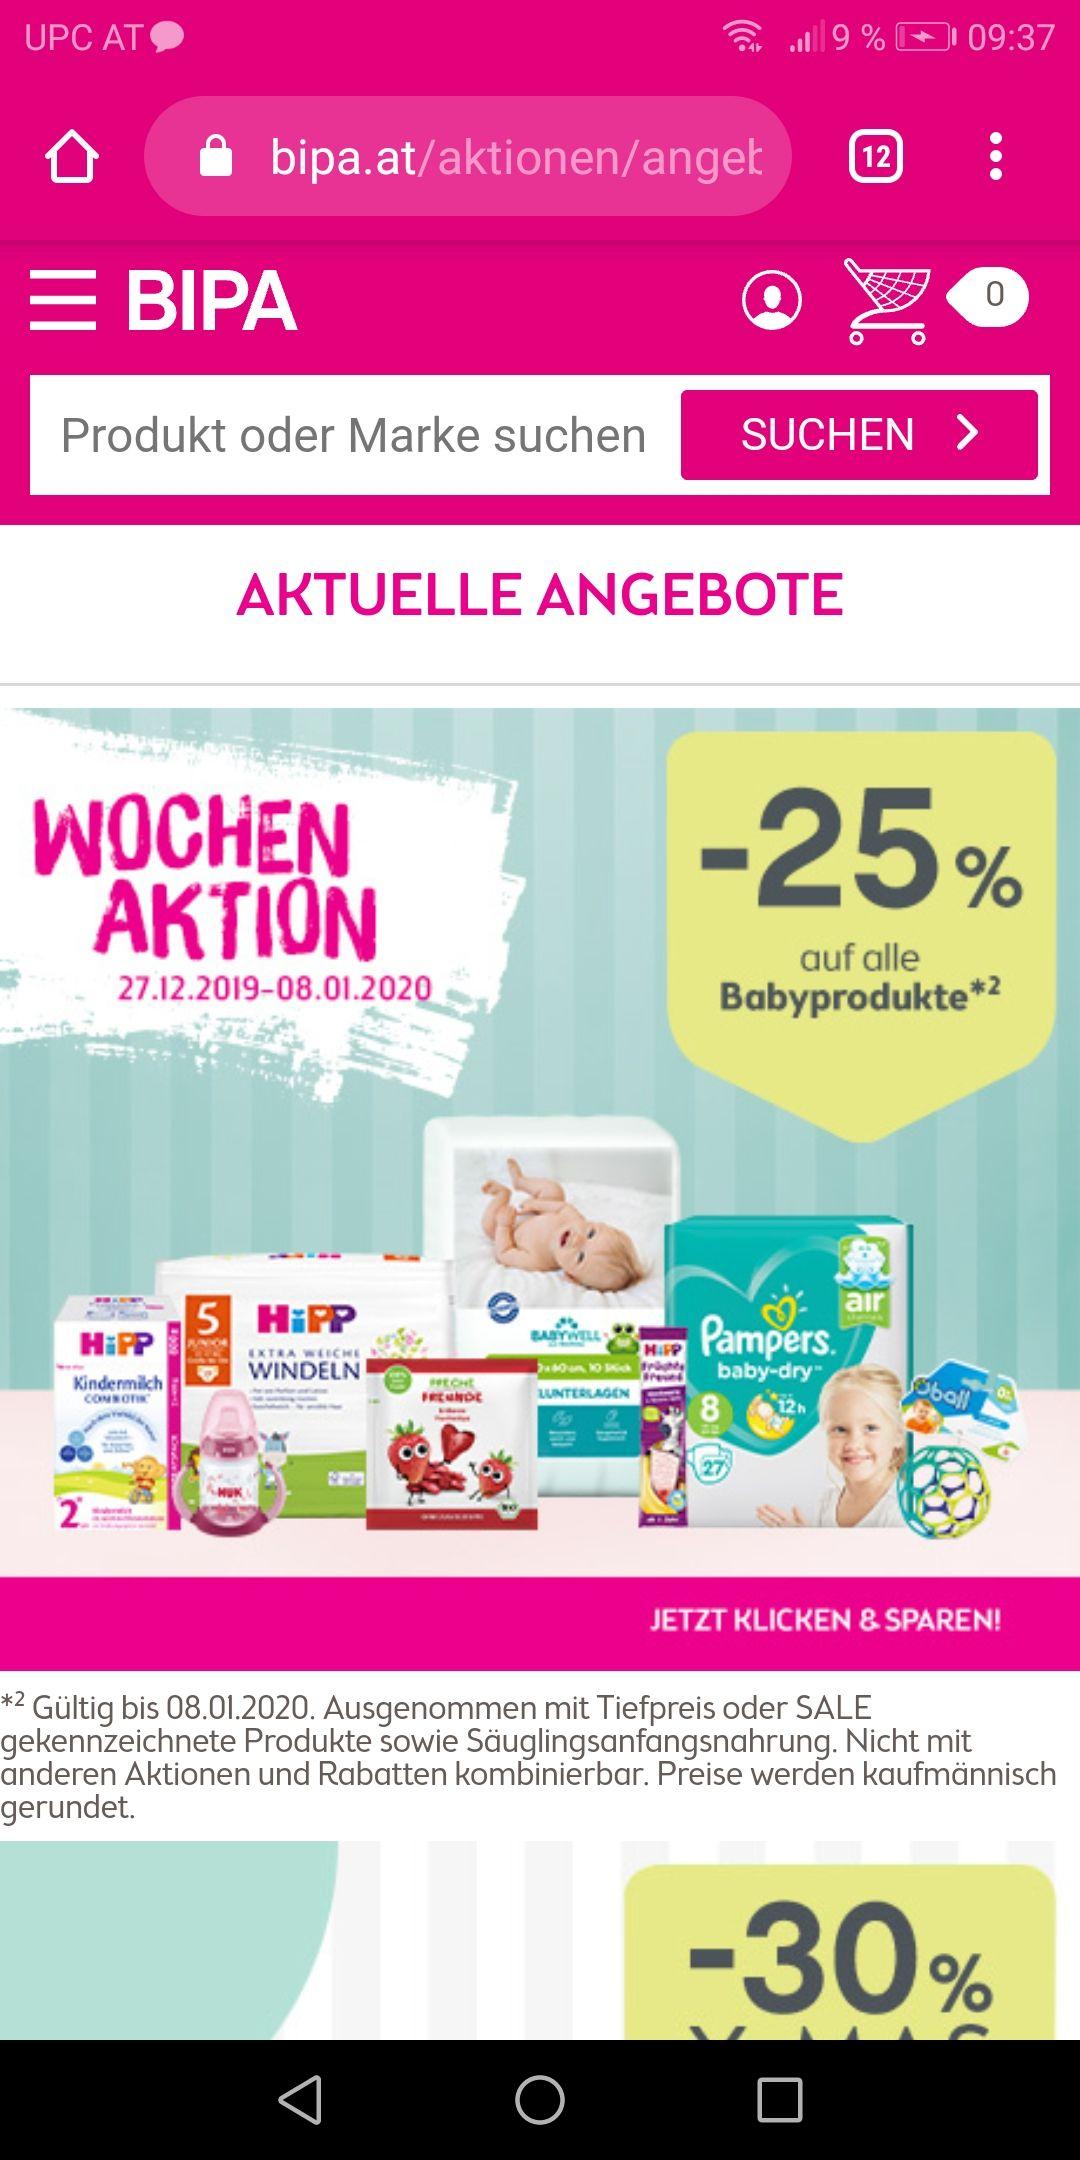 BIPA - 25% auf Babyprodukte